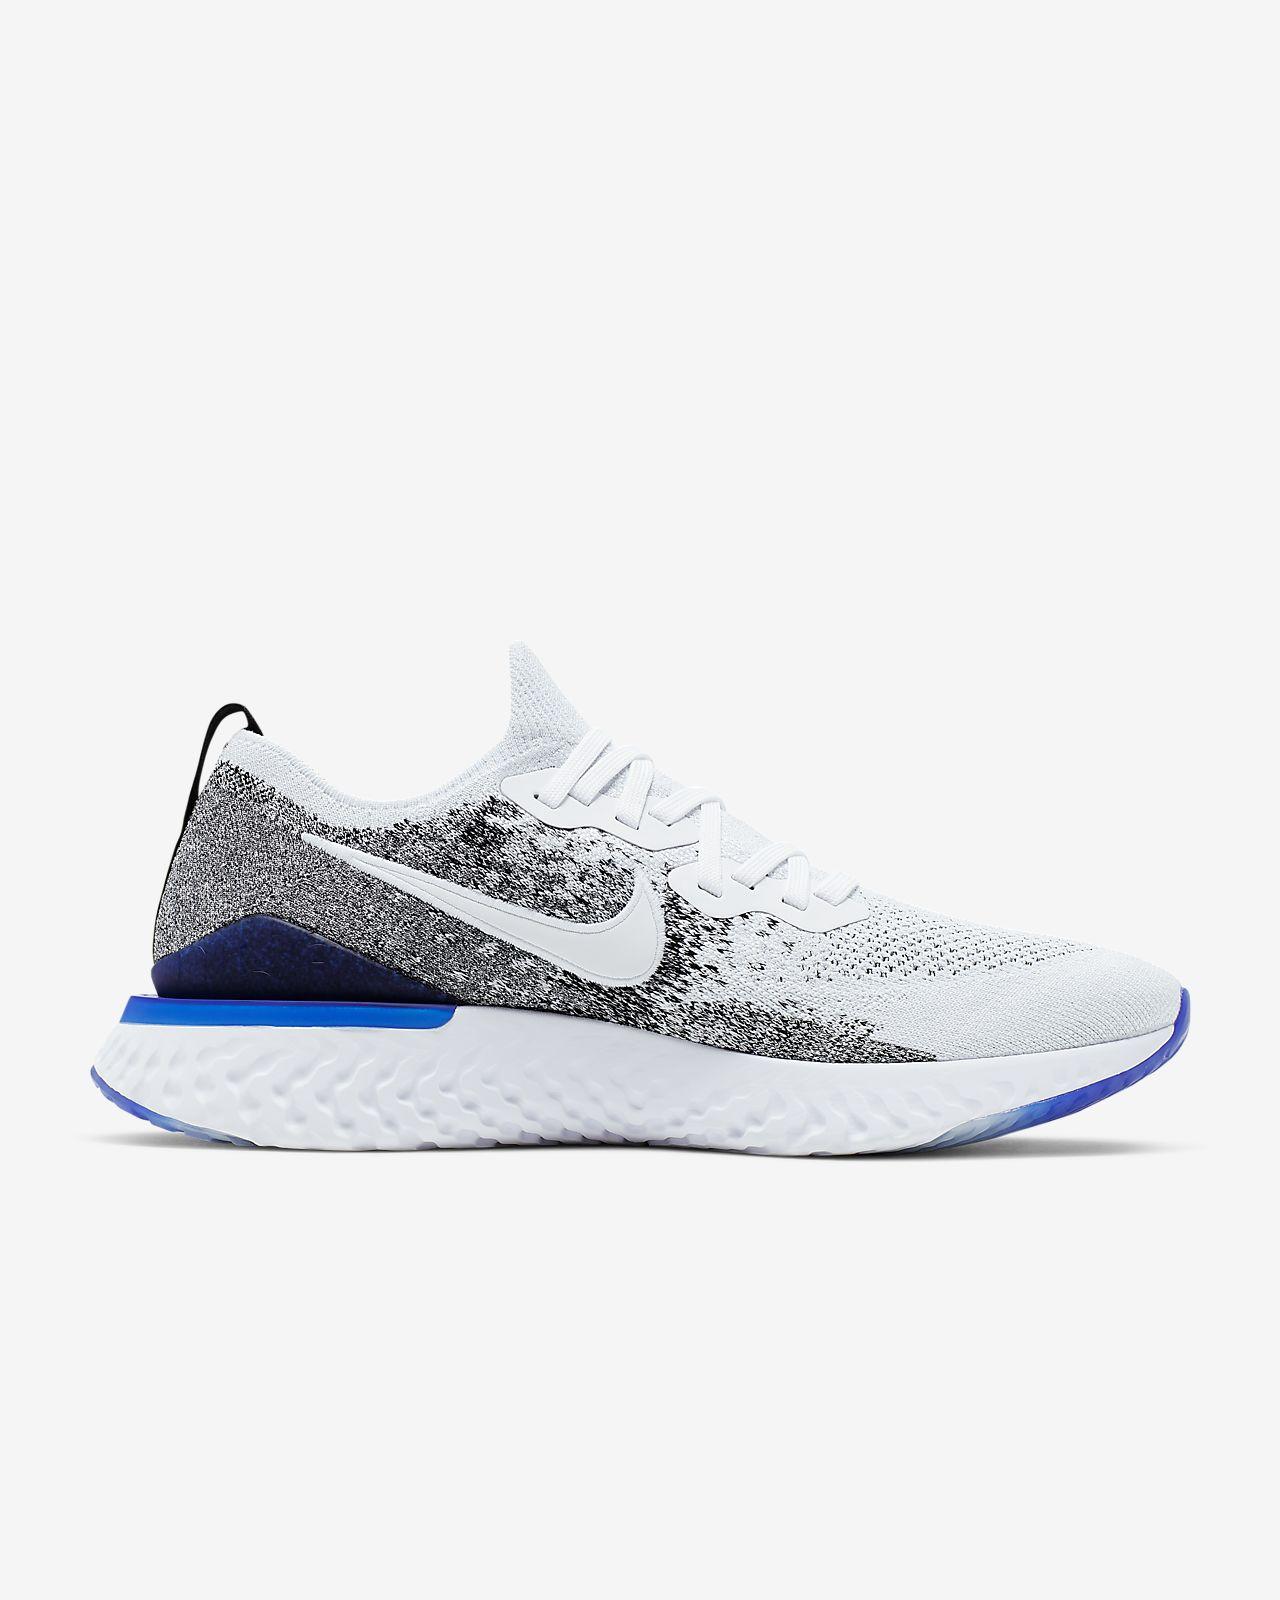 a354449c Męskie buty do biegania Nike Epic React Flyknit 2. Nike.com PL